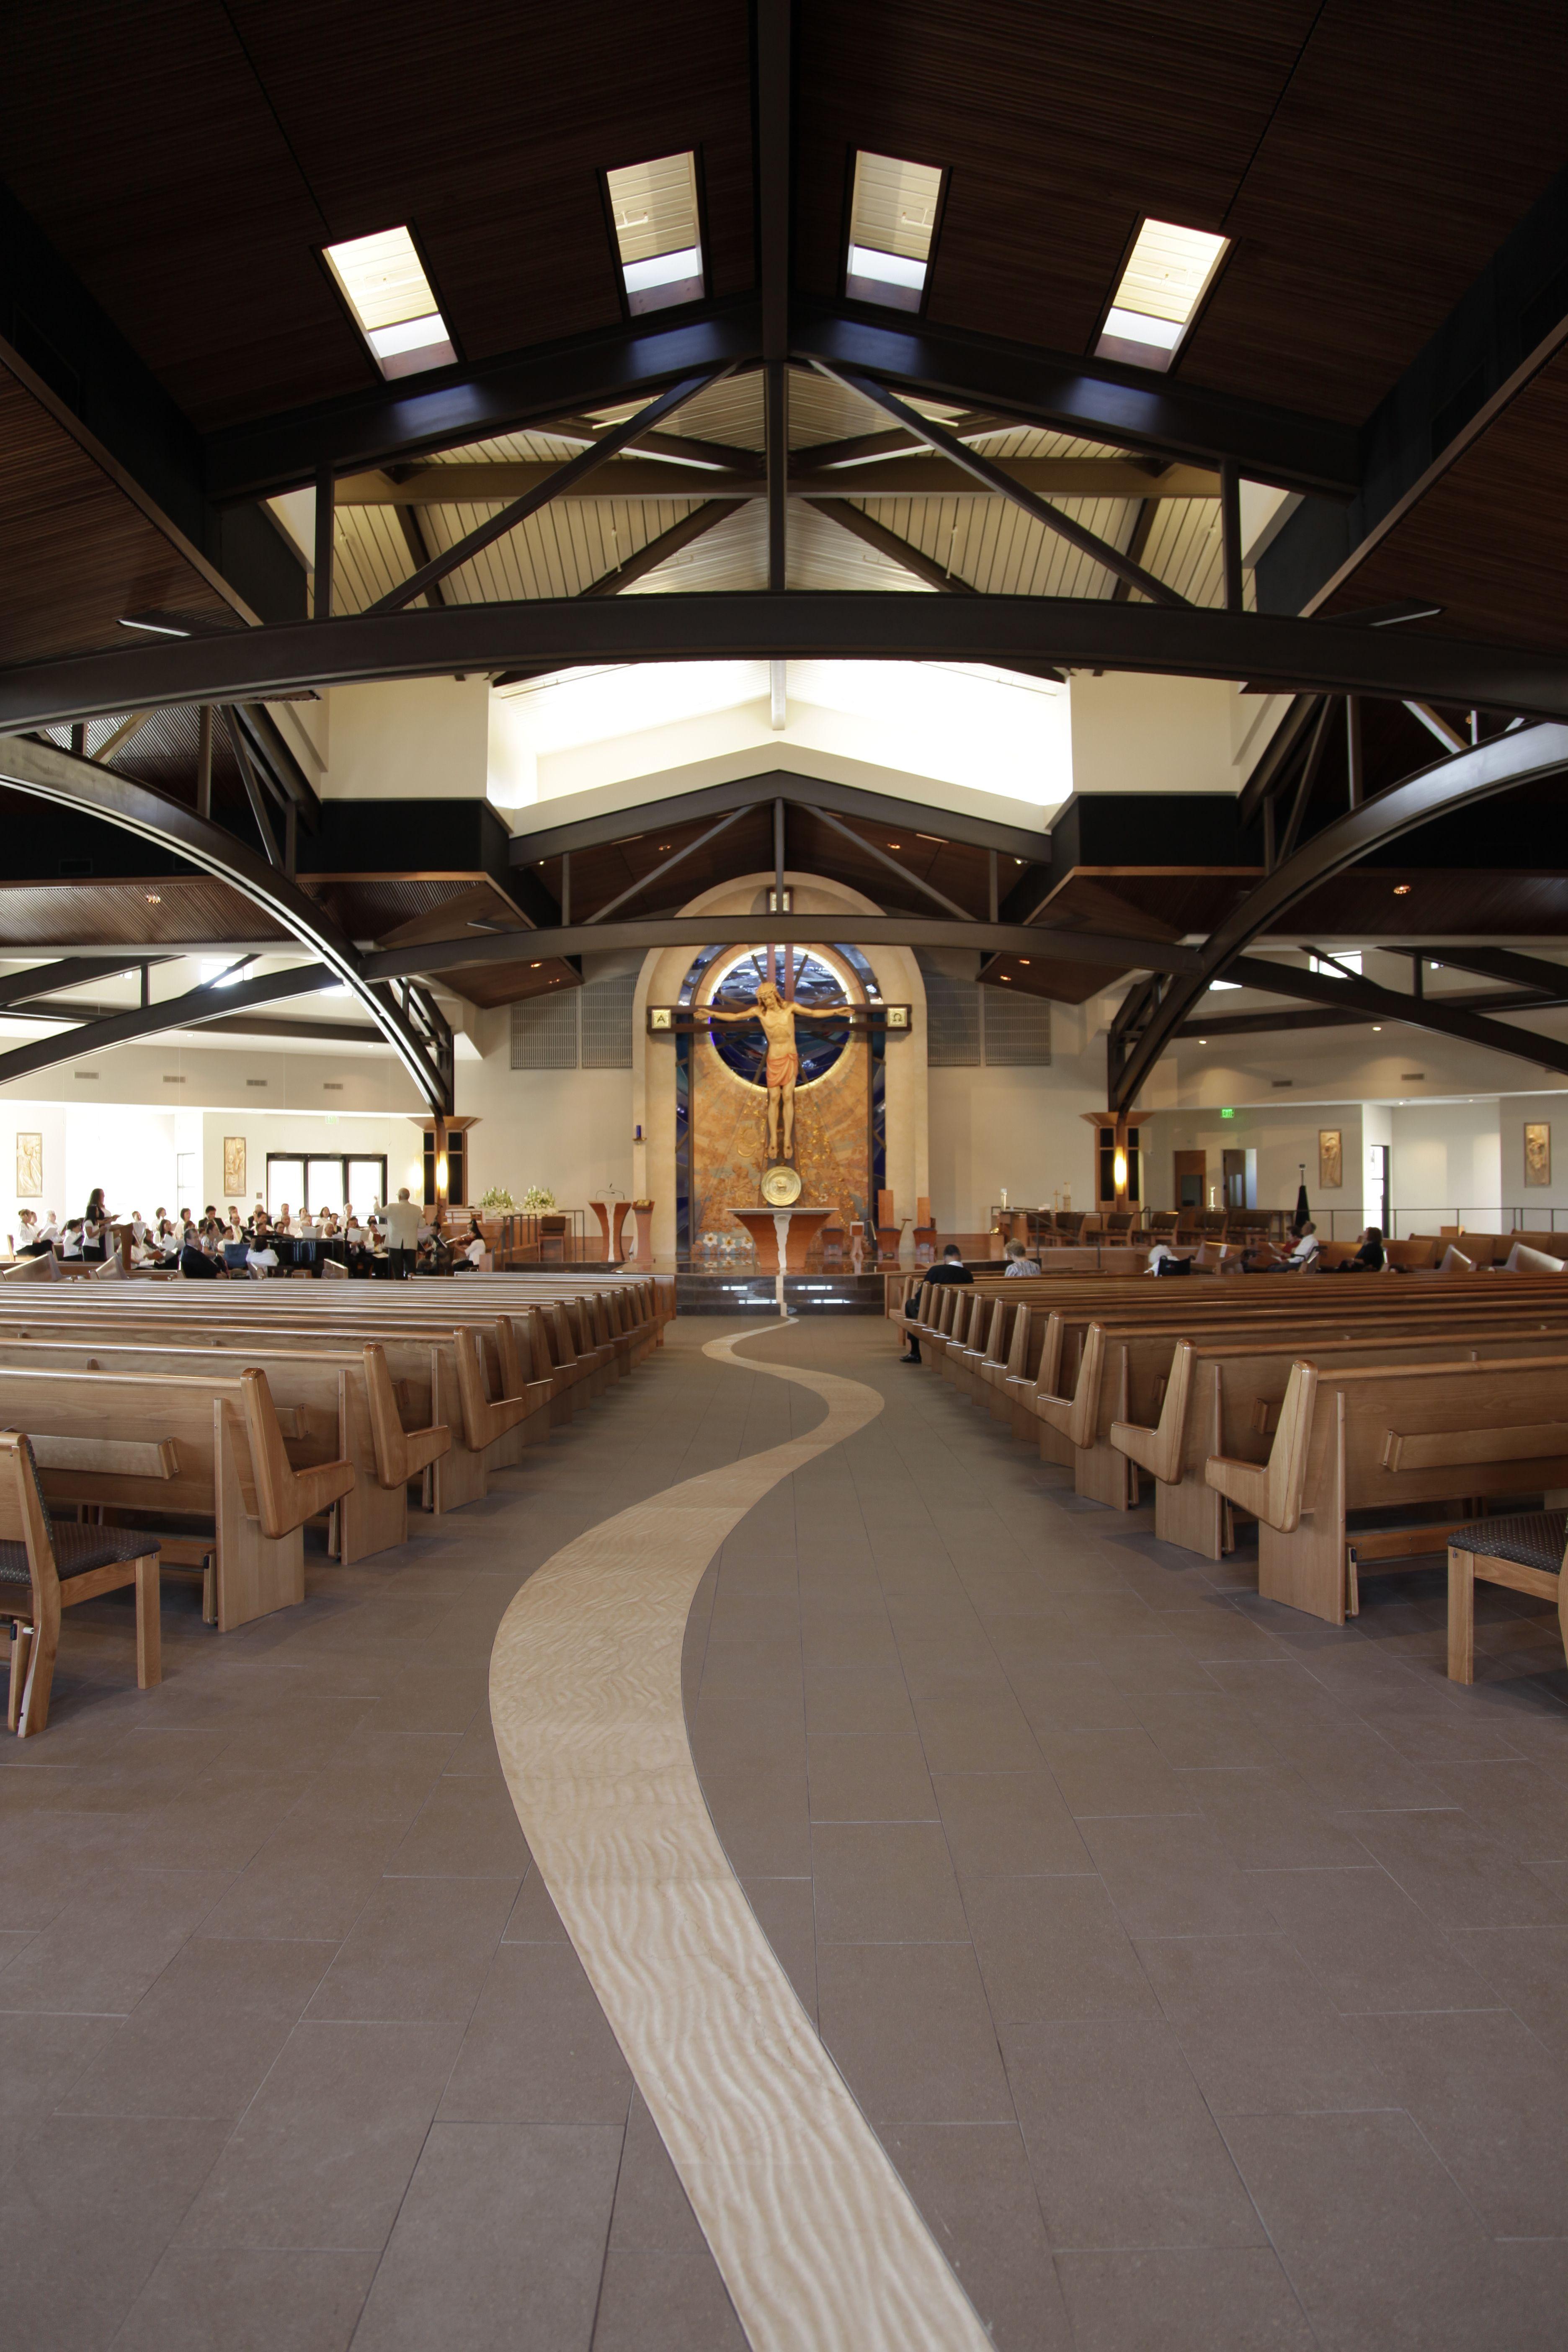 OUR LADY OF MT. CARMEL CATHOLIC CHURCH rancho